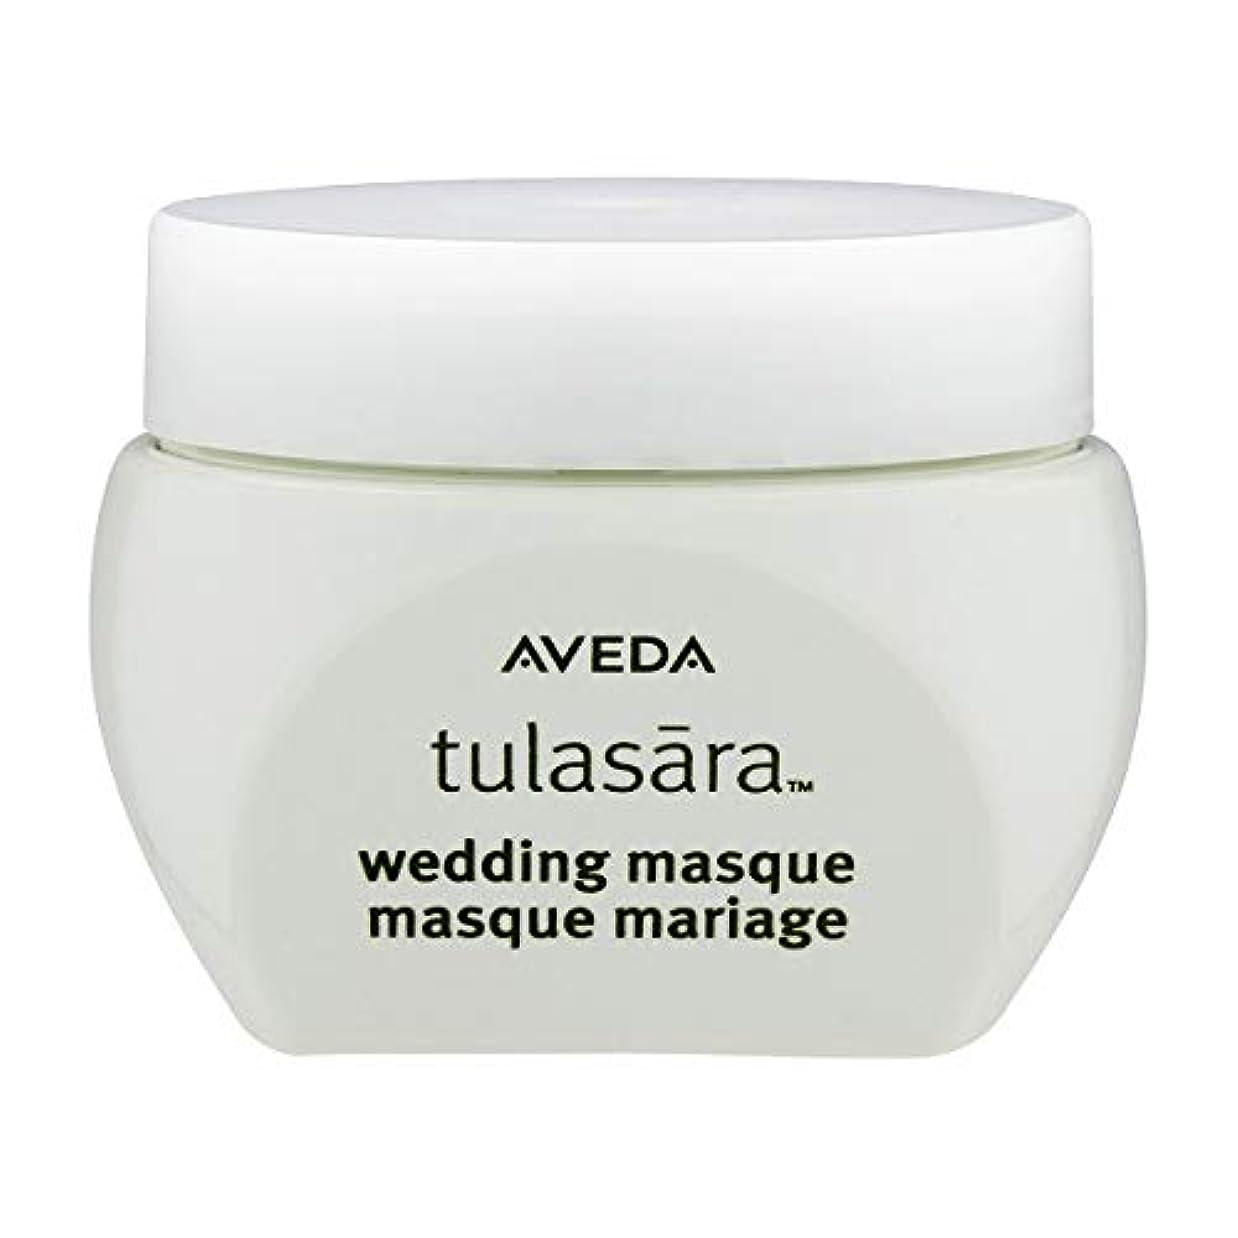 不一致意味する顕微鏡AVEDA / アヴェダ トゥラサラ ウエディング マスククリーム フェイス 50ml [並行輸入品]